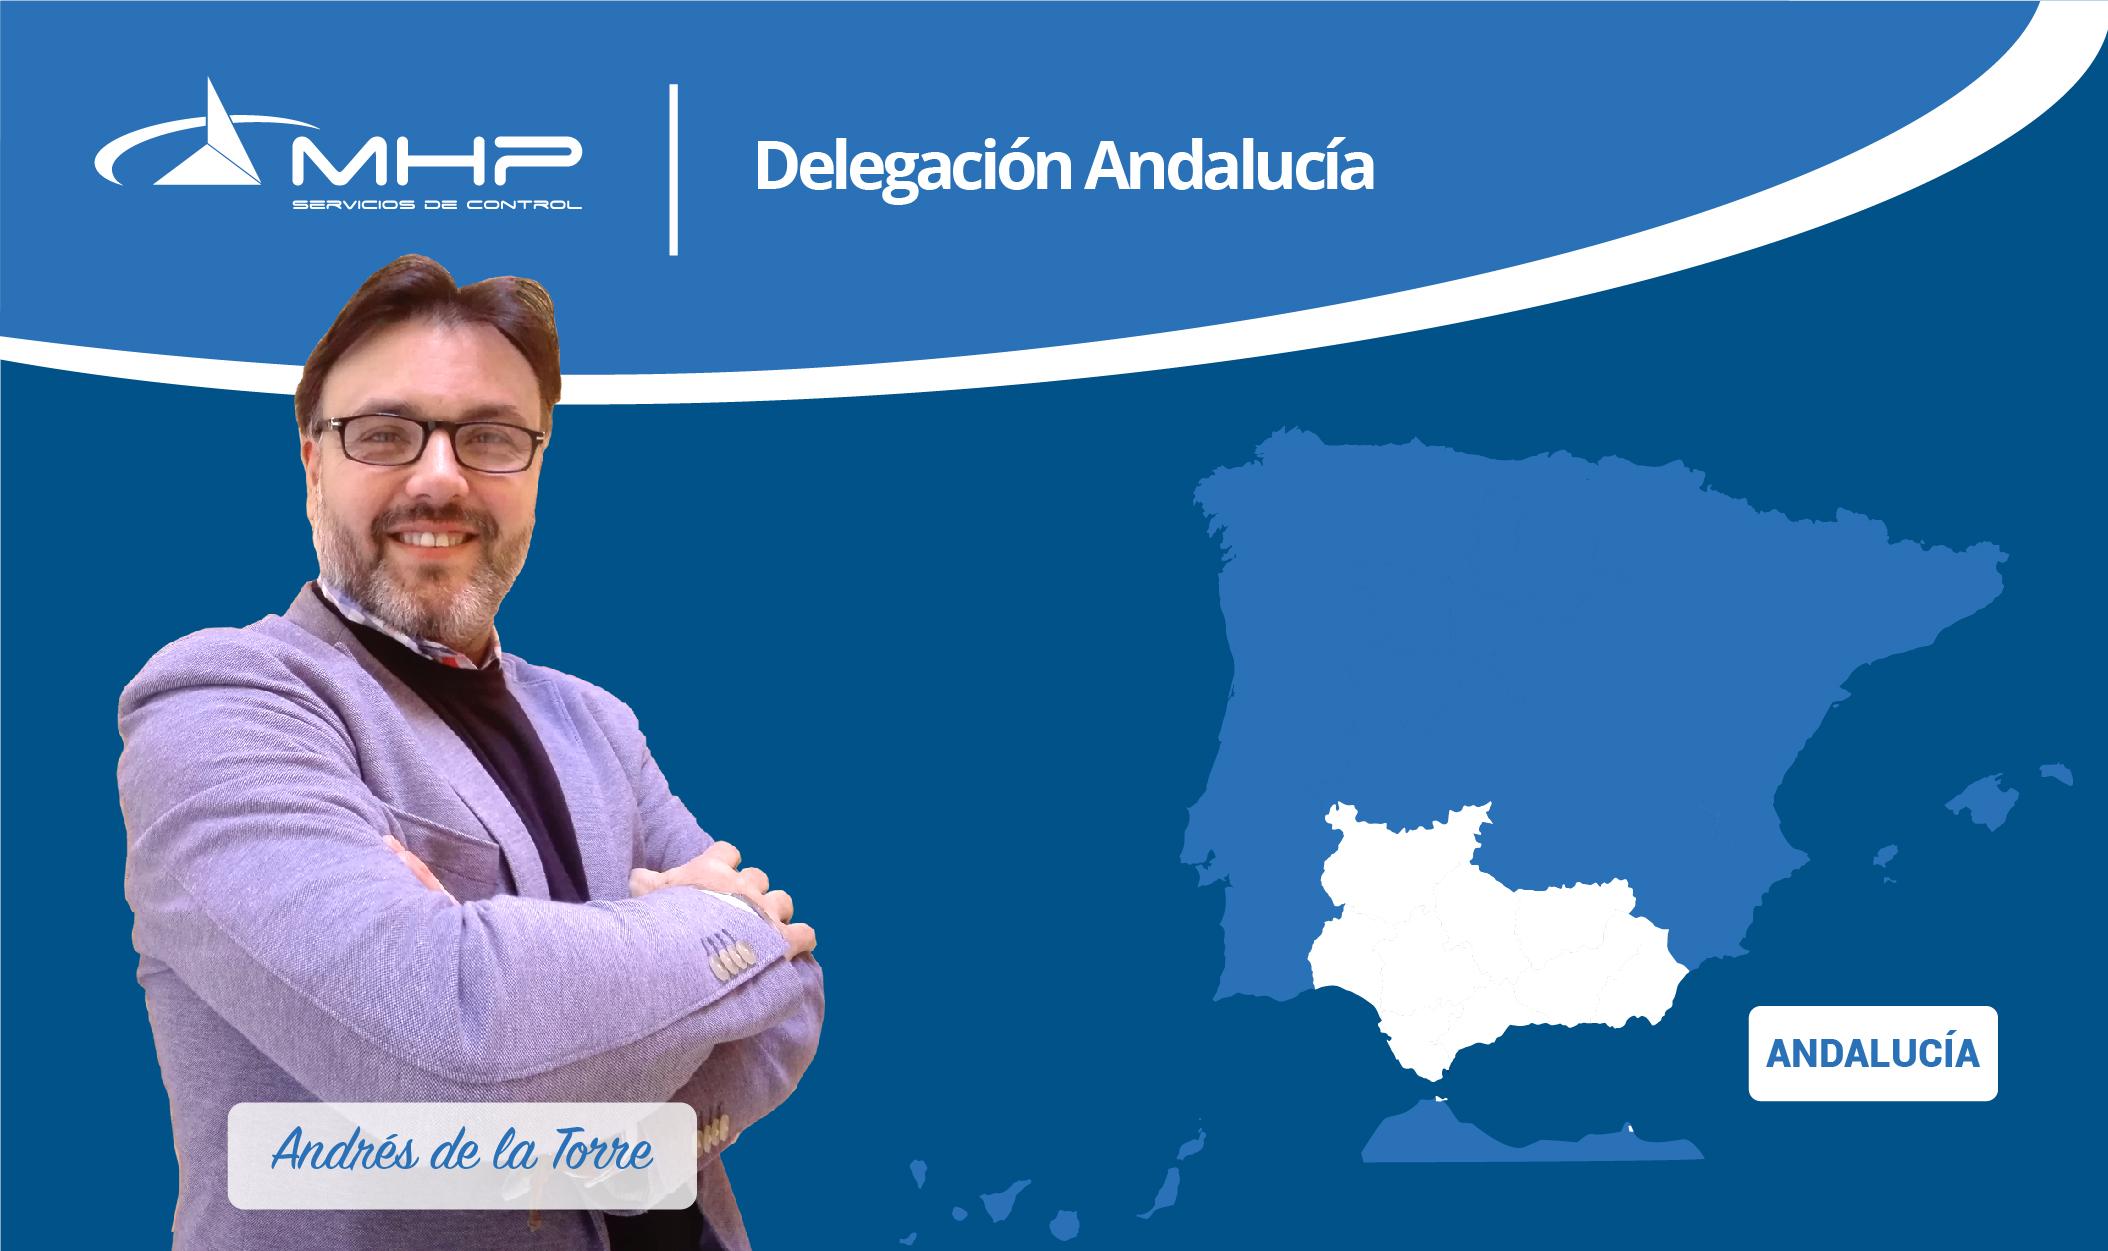 Delegación Andalucía - Andrés de la Torre